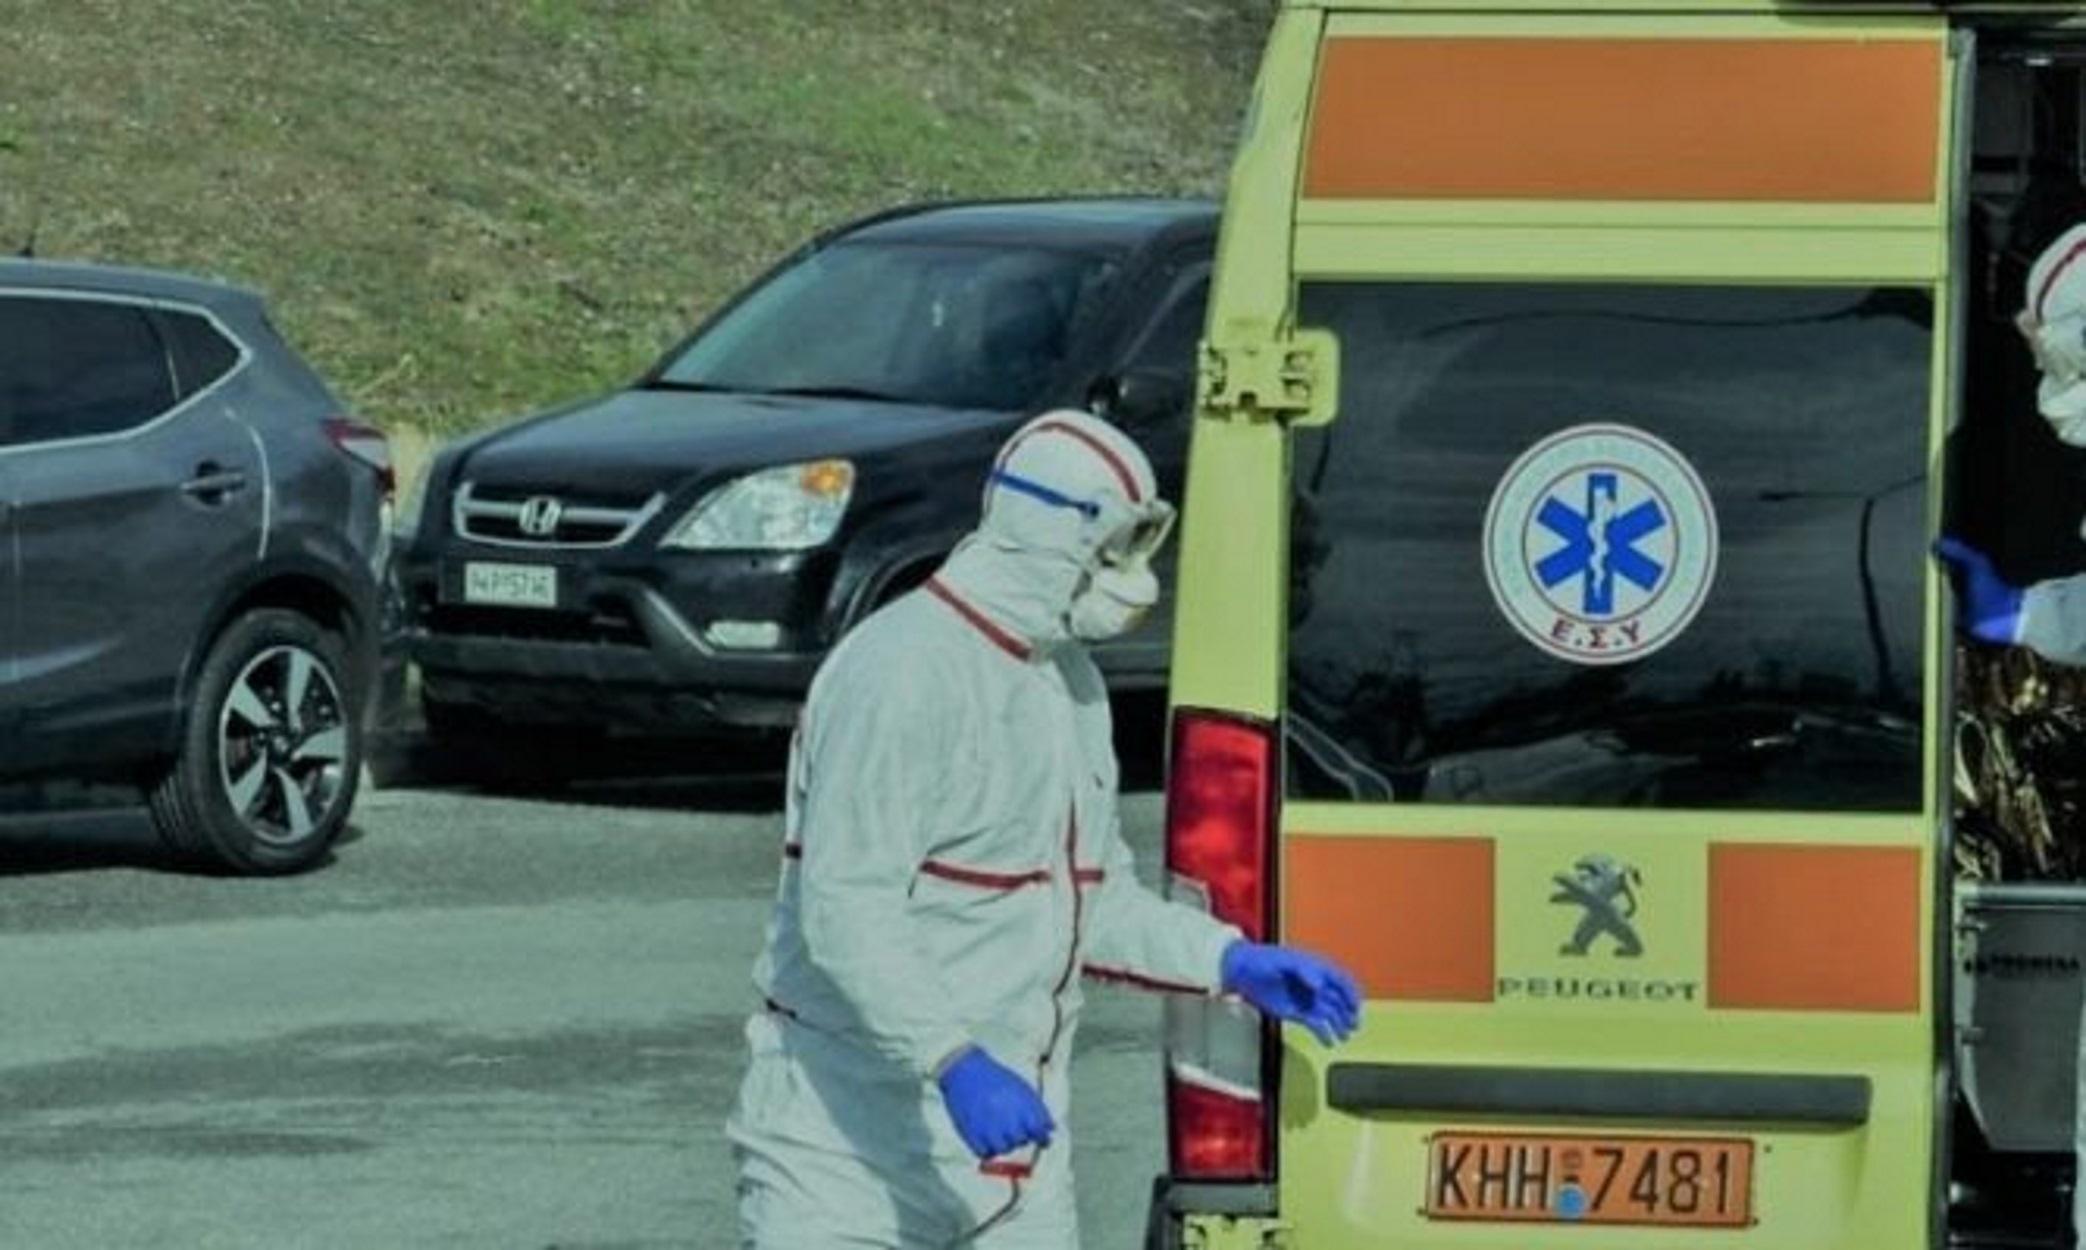 Κορονοϊός: Τρεις νέοι θάνατοι στη Θεσσαλονίκη μέσα σε λίγες ώρες! Μεγαλώνει δραματικά η λίστα των θυμάτων